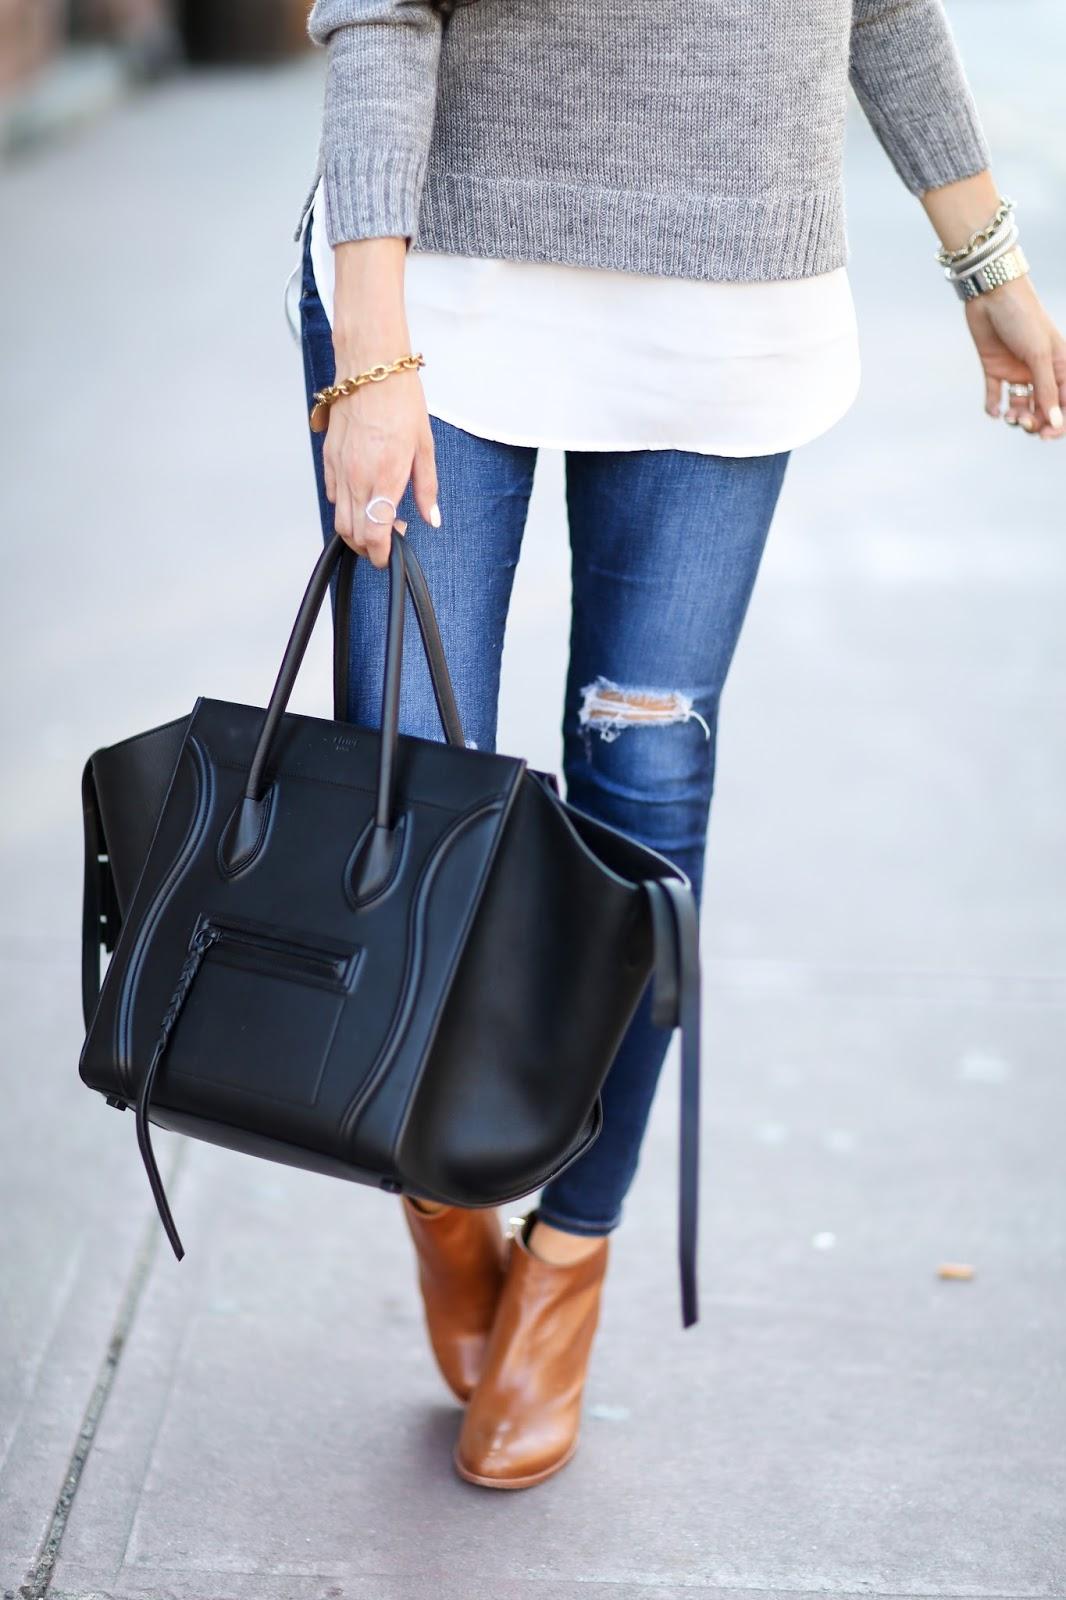 tie bags purses - celine bags nordstrom